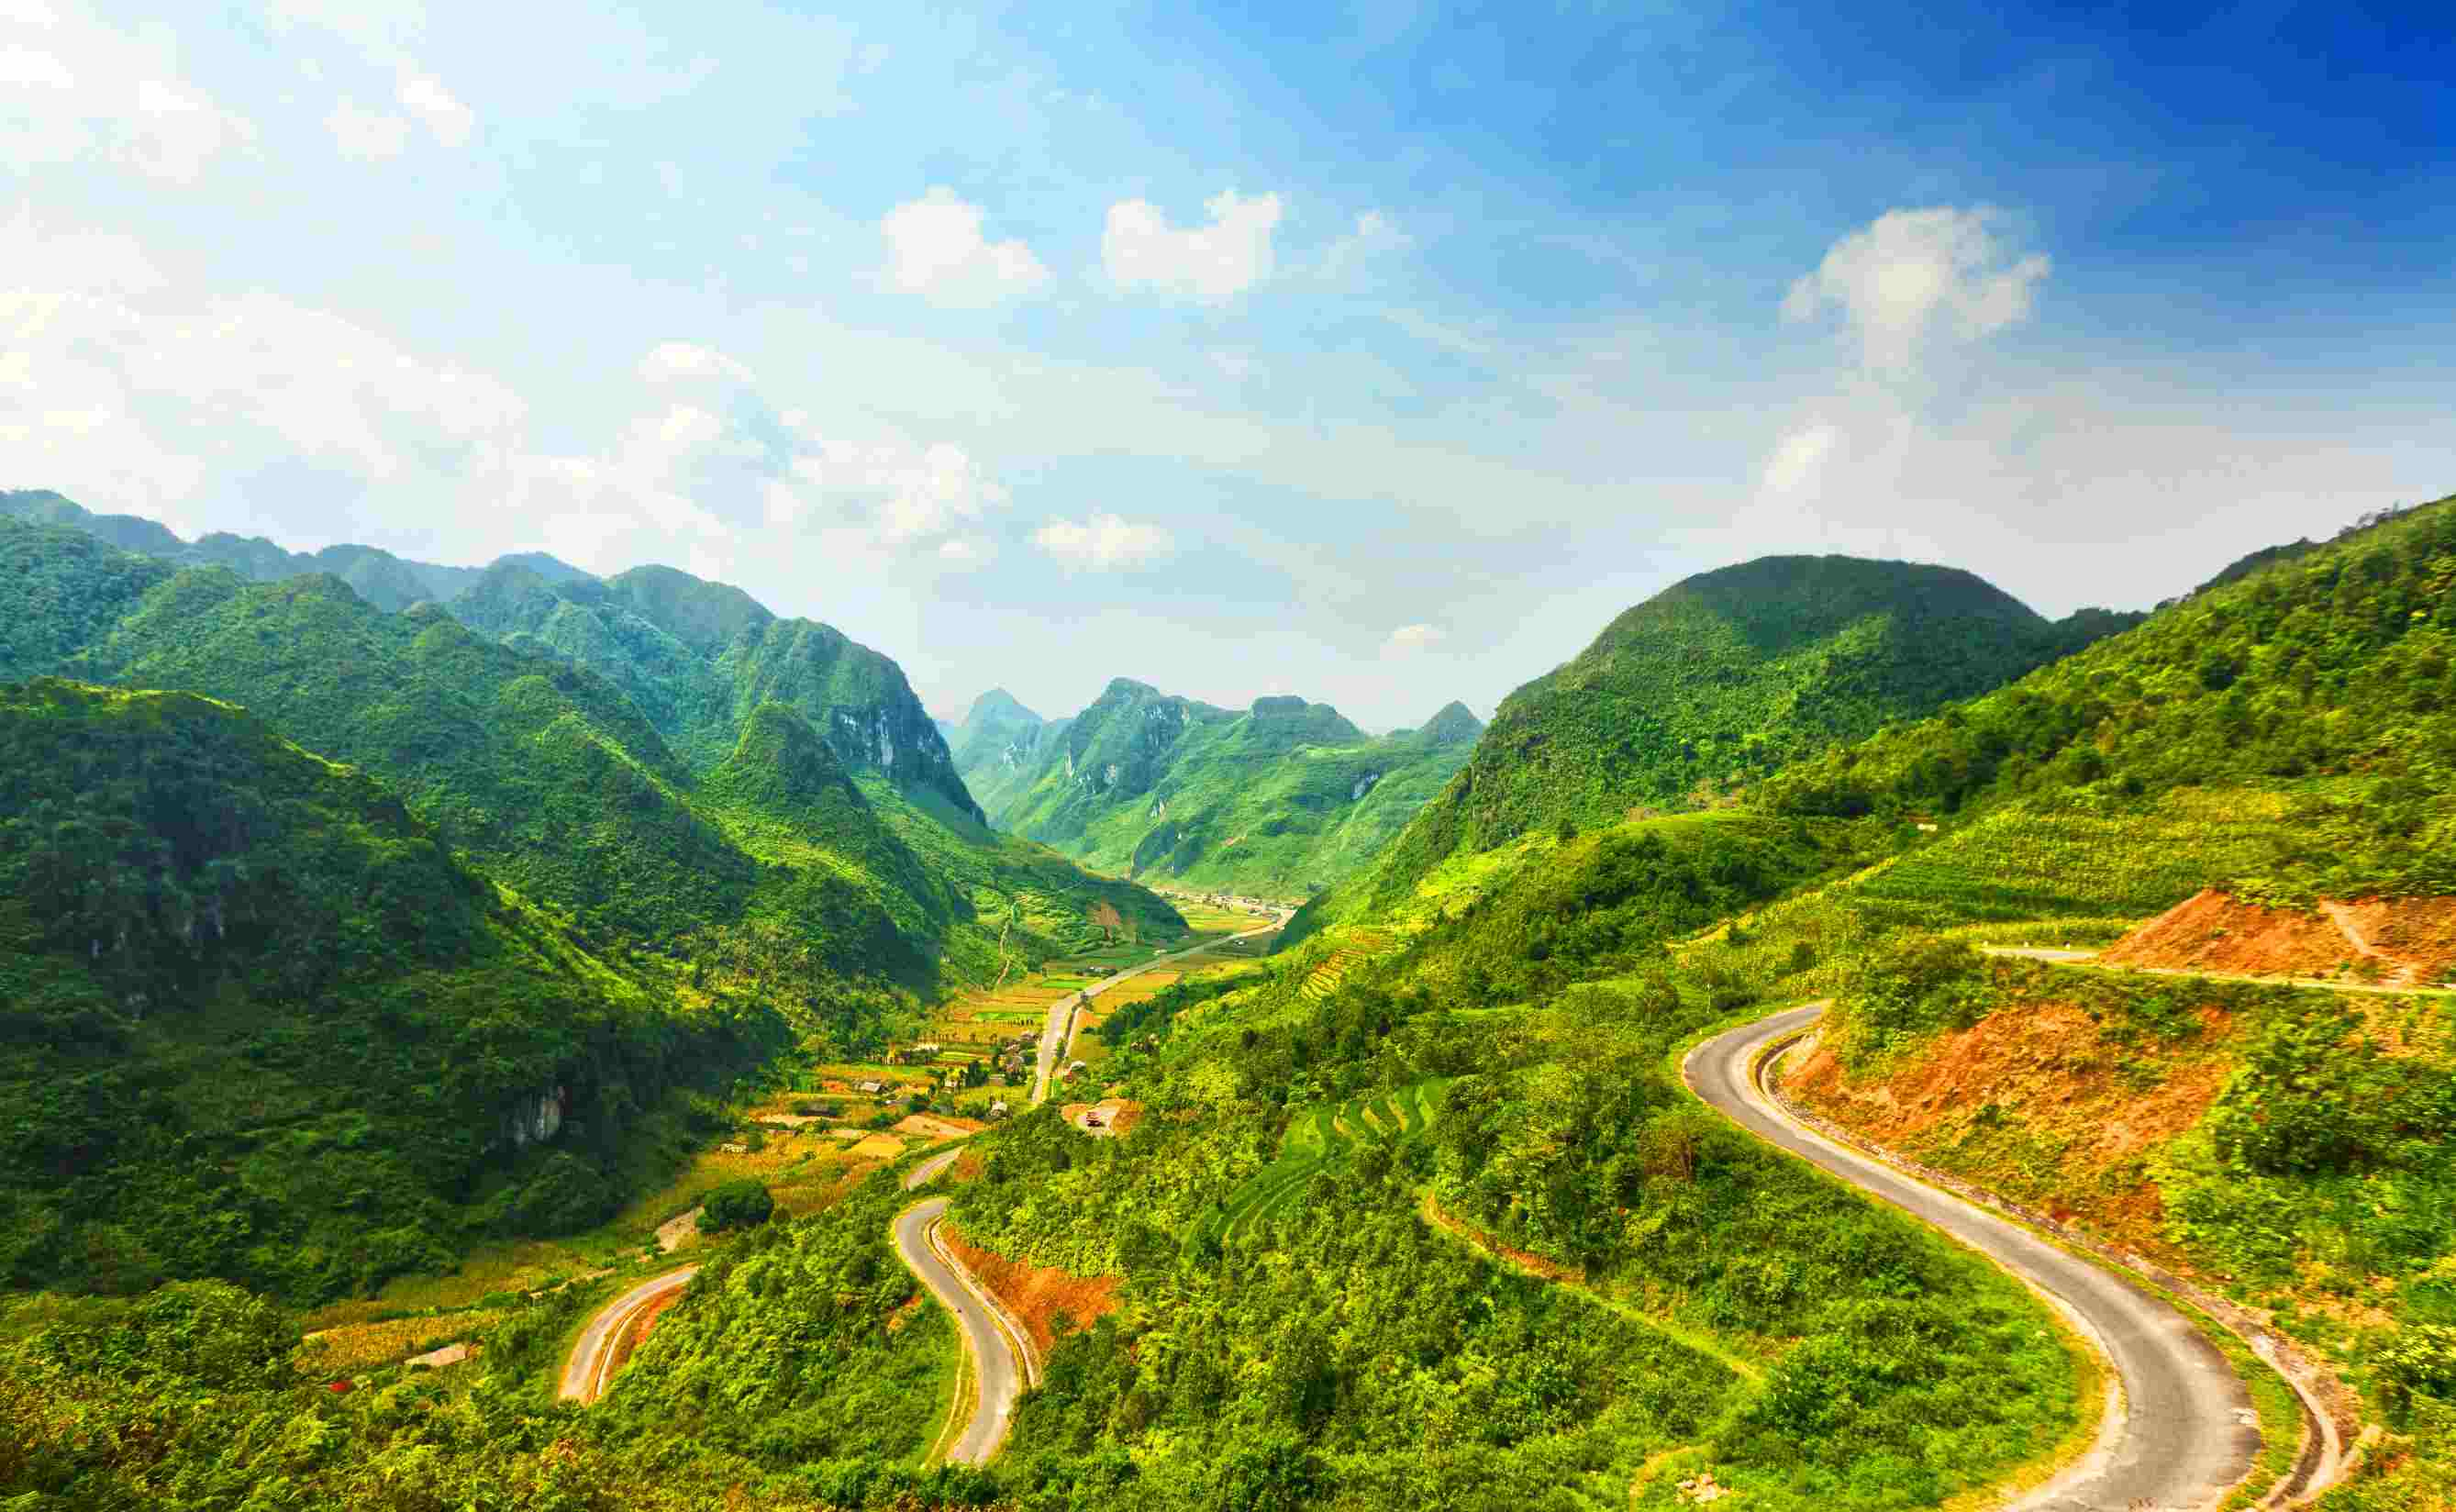 Tuyen quang vietnam